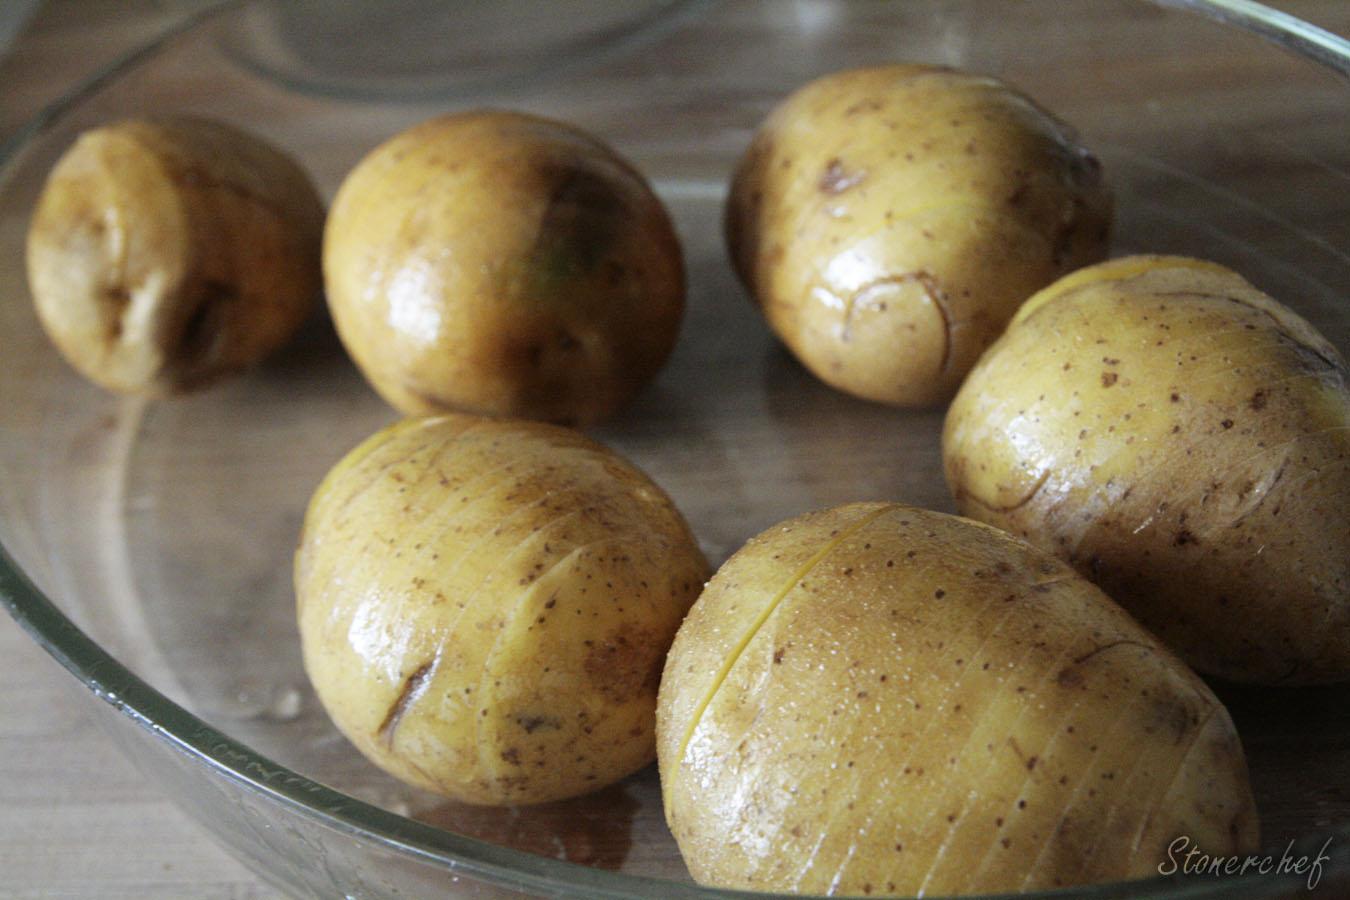 ziemniaki przed pierwszym pieczeniem